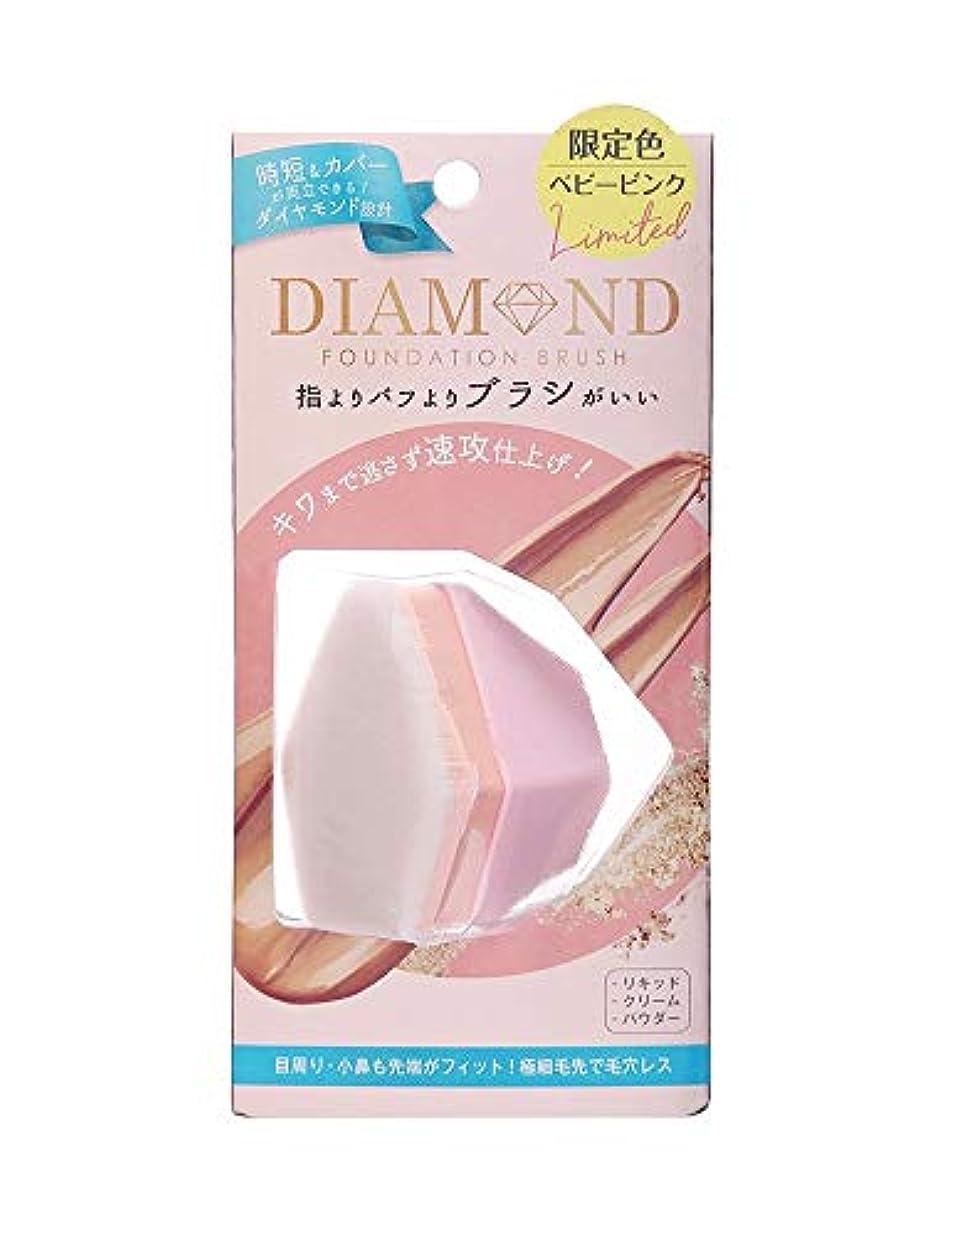 チャットマリン生き返らせるラッキーウィンク ダイヤモンドファンデーションブラシ ベビーピンク DIB1501